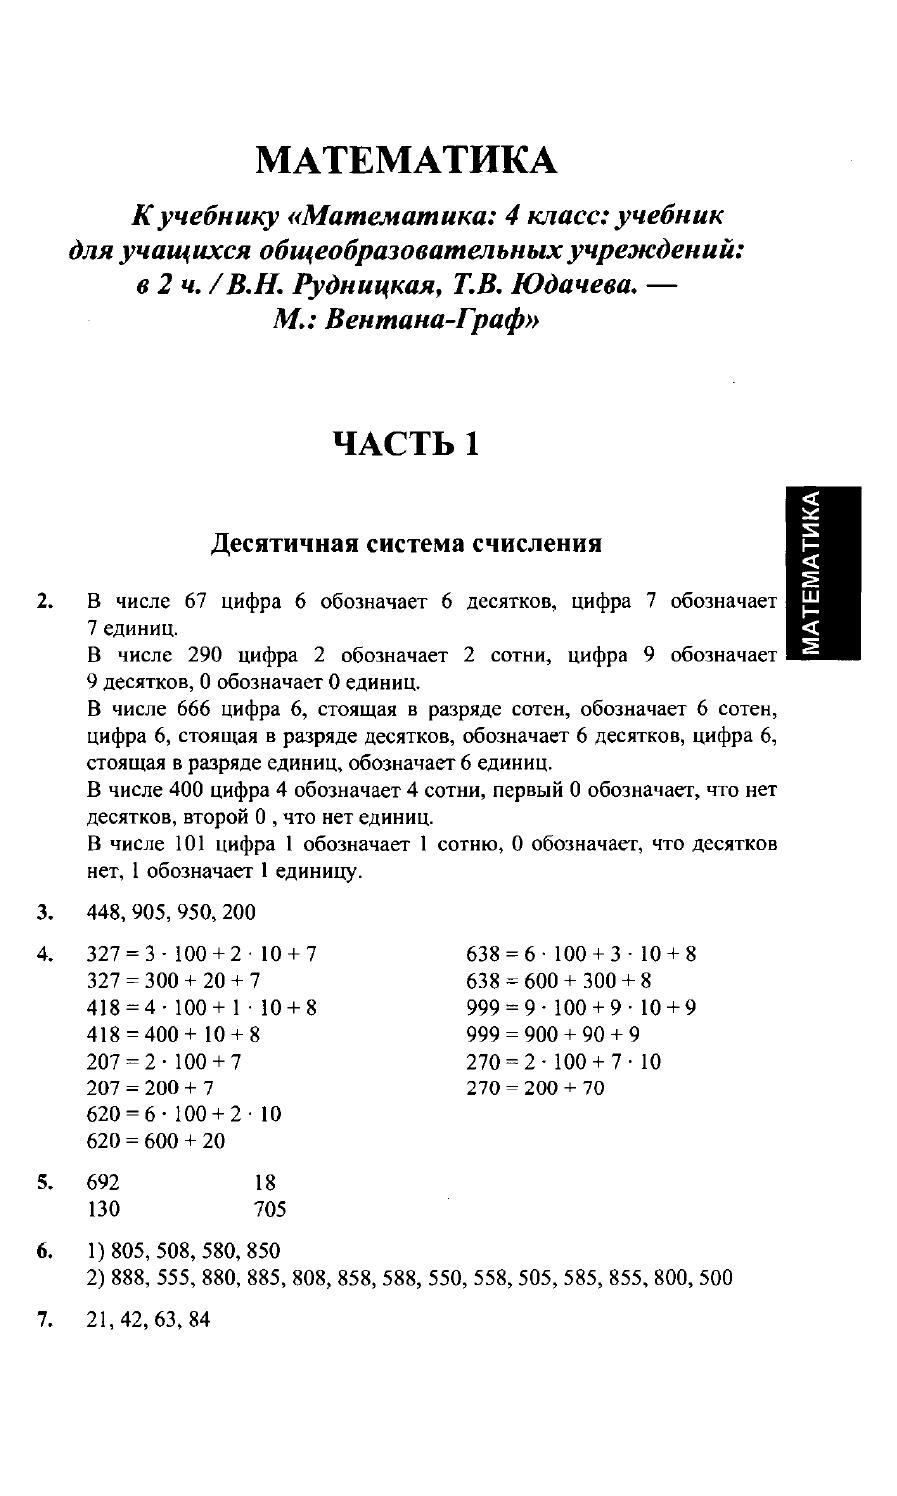 Готовое Домашнее Задание По Математике 4 Класса Рудницкая